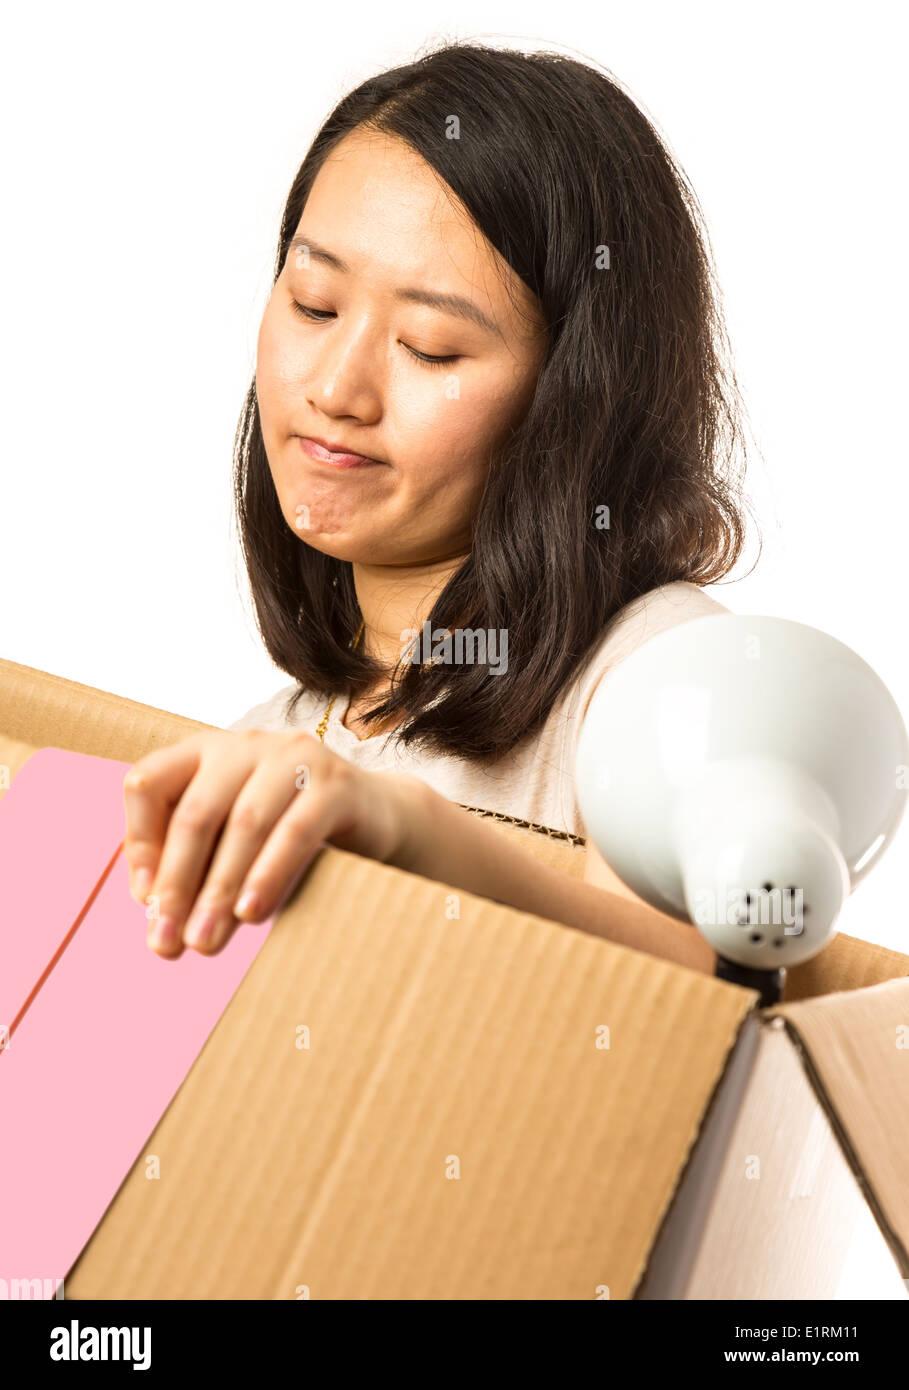 Asiatische Frau mit einem Umzugskarton und Pink-slip Stockbild